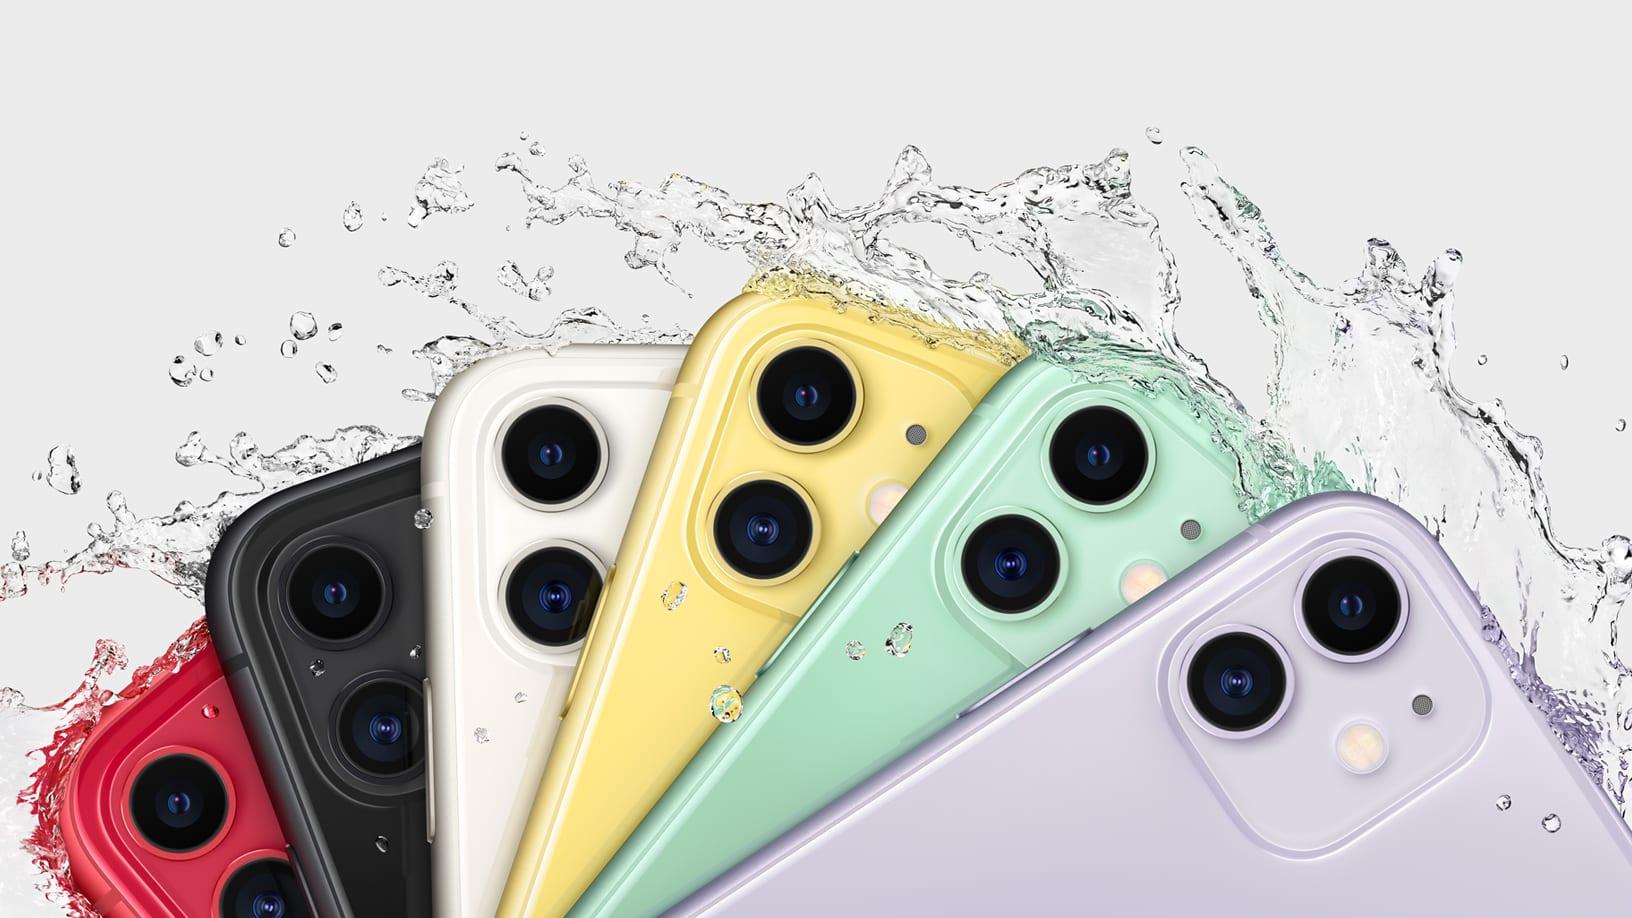 Un iPhone 11 a fost găsit în stare funcțională după 6 luni pe fundul unui lac